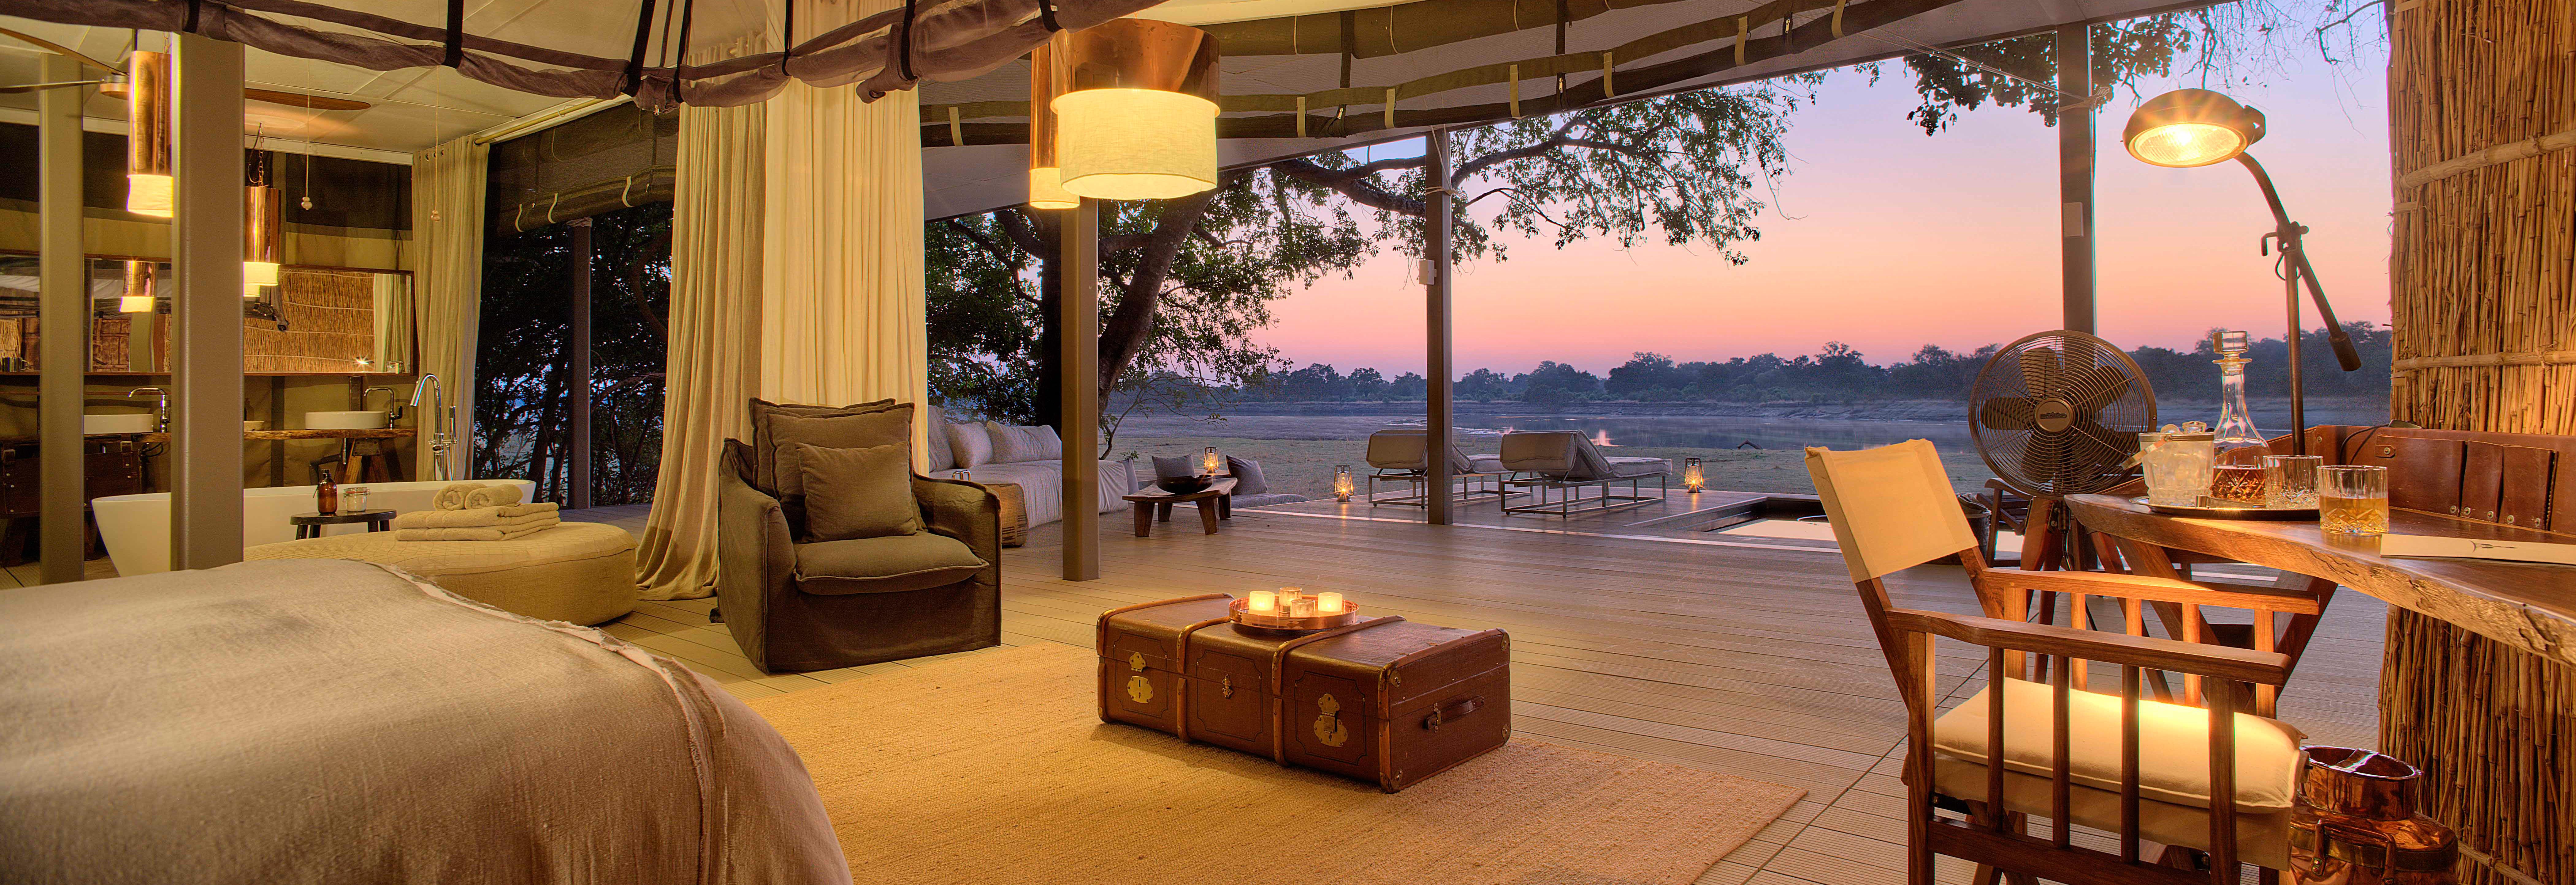 suite-sunset-view-chinzombo